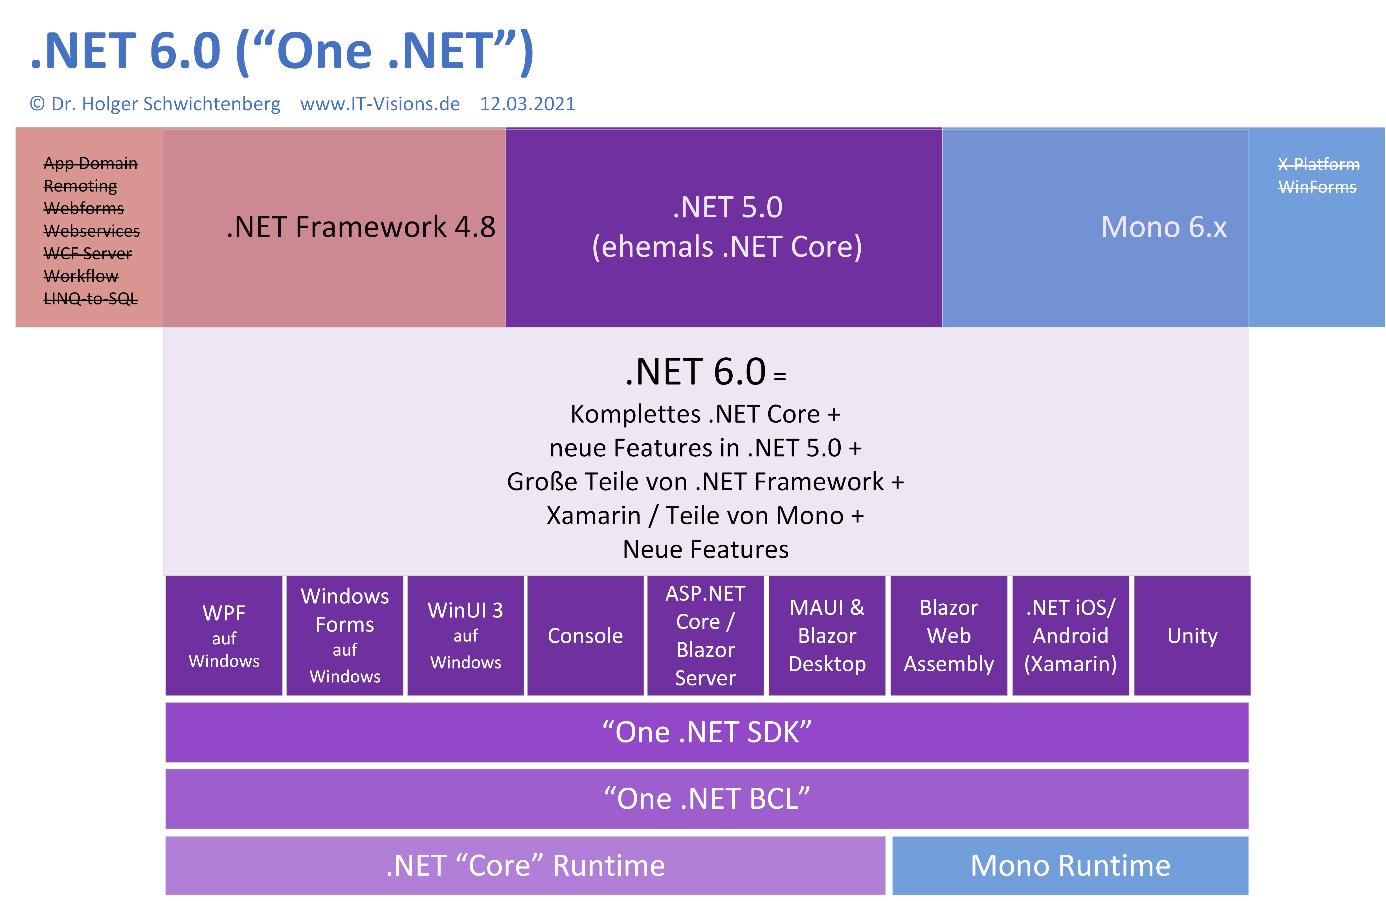 One .NET ist auf dem Weg   Blogpost zur BASTA 20 in Mainz